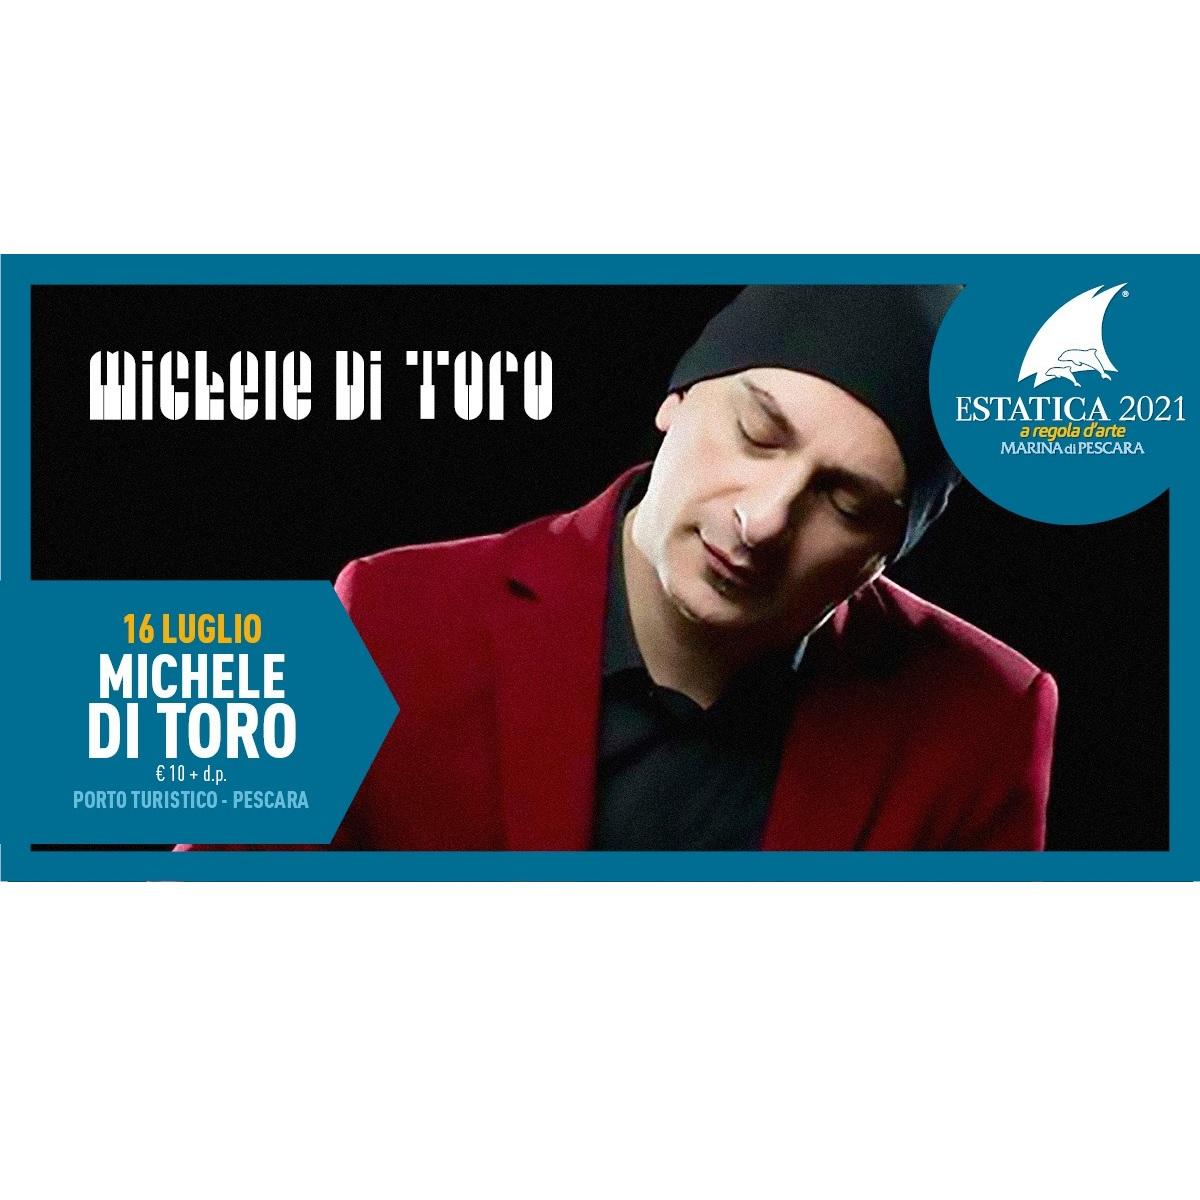 Michele Di Toro in concerto 16 luglio 2021 foto